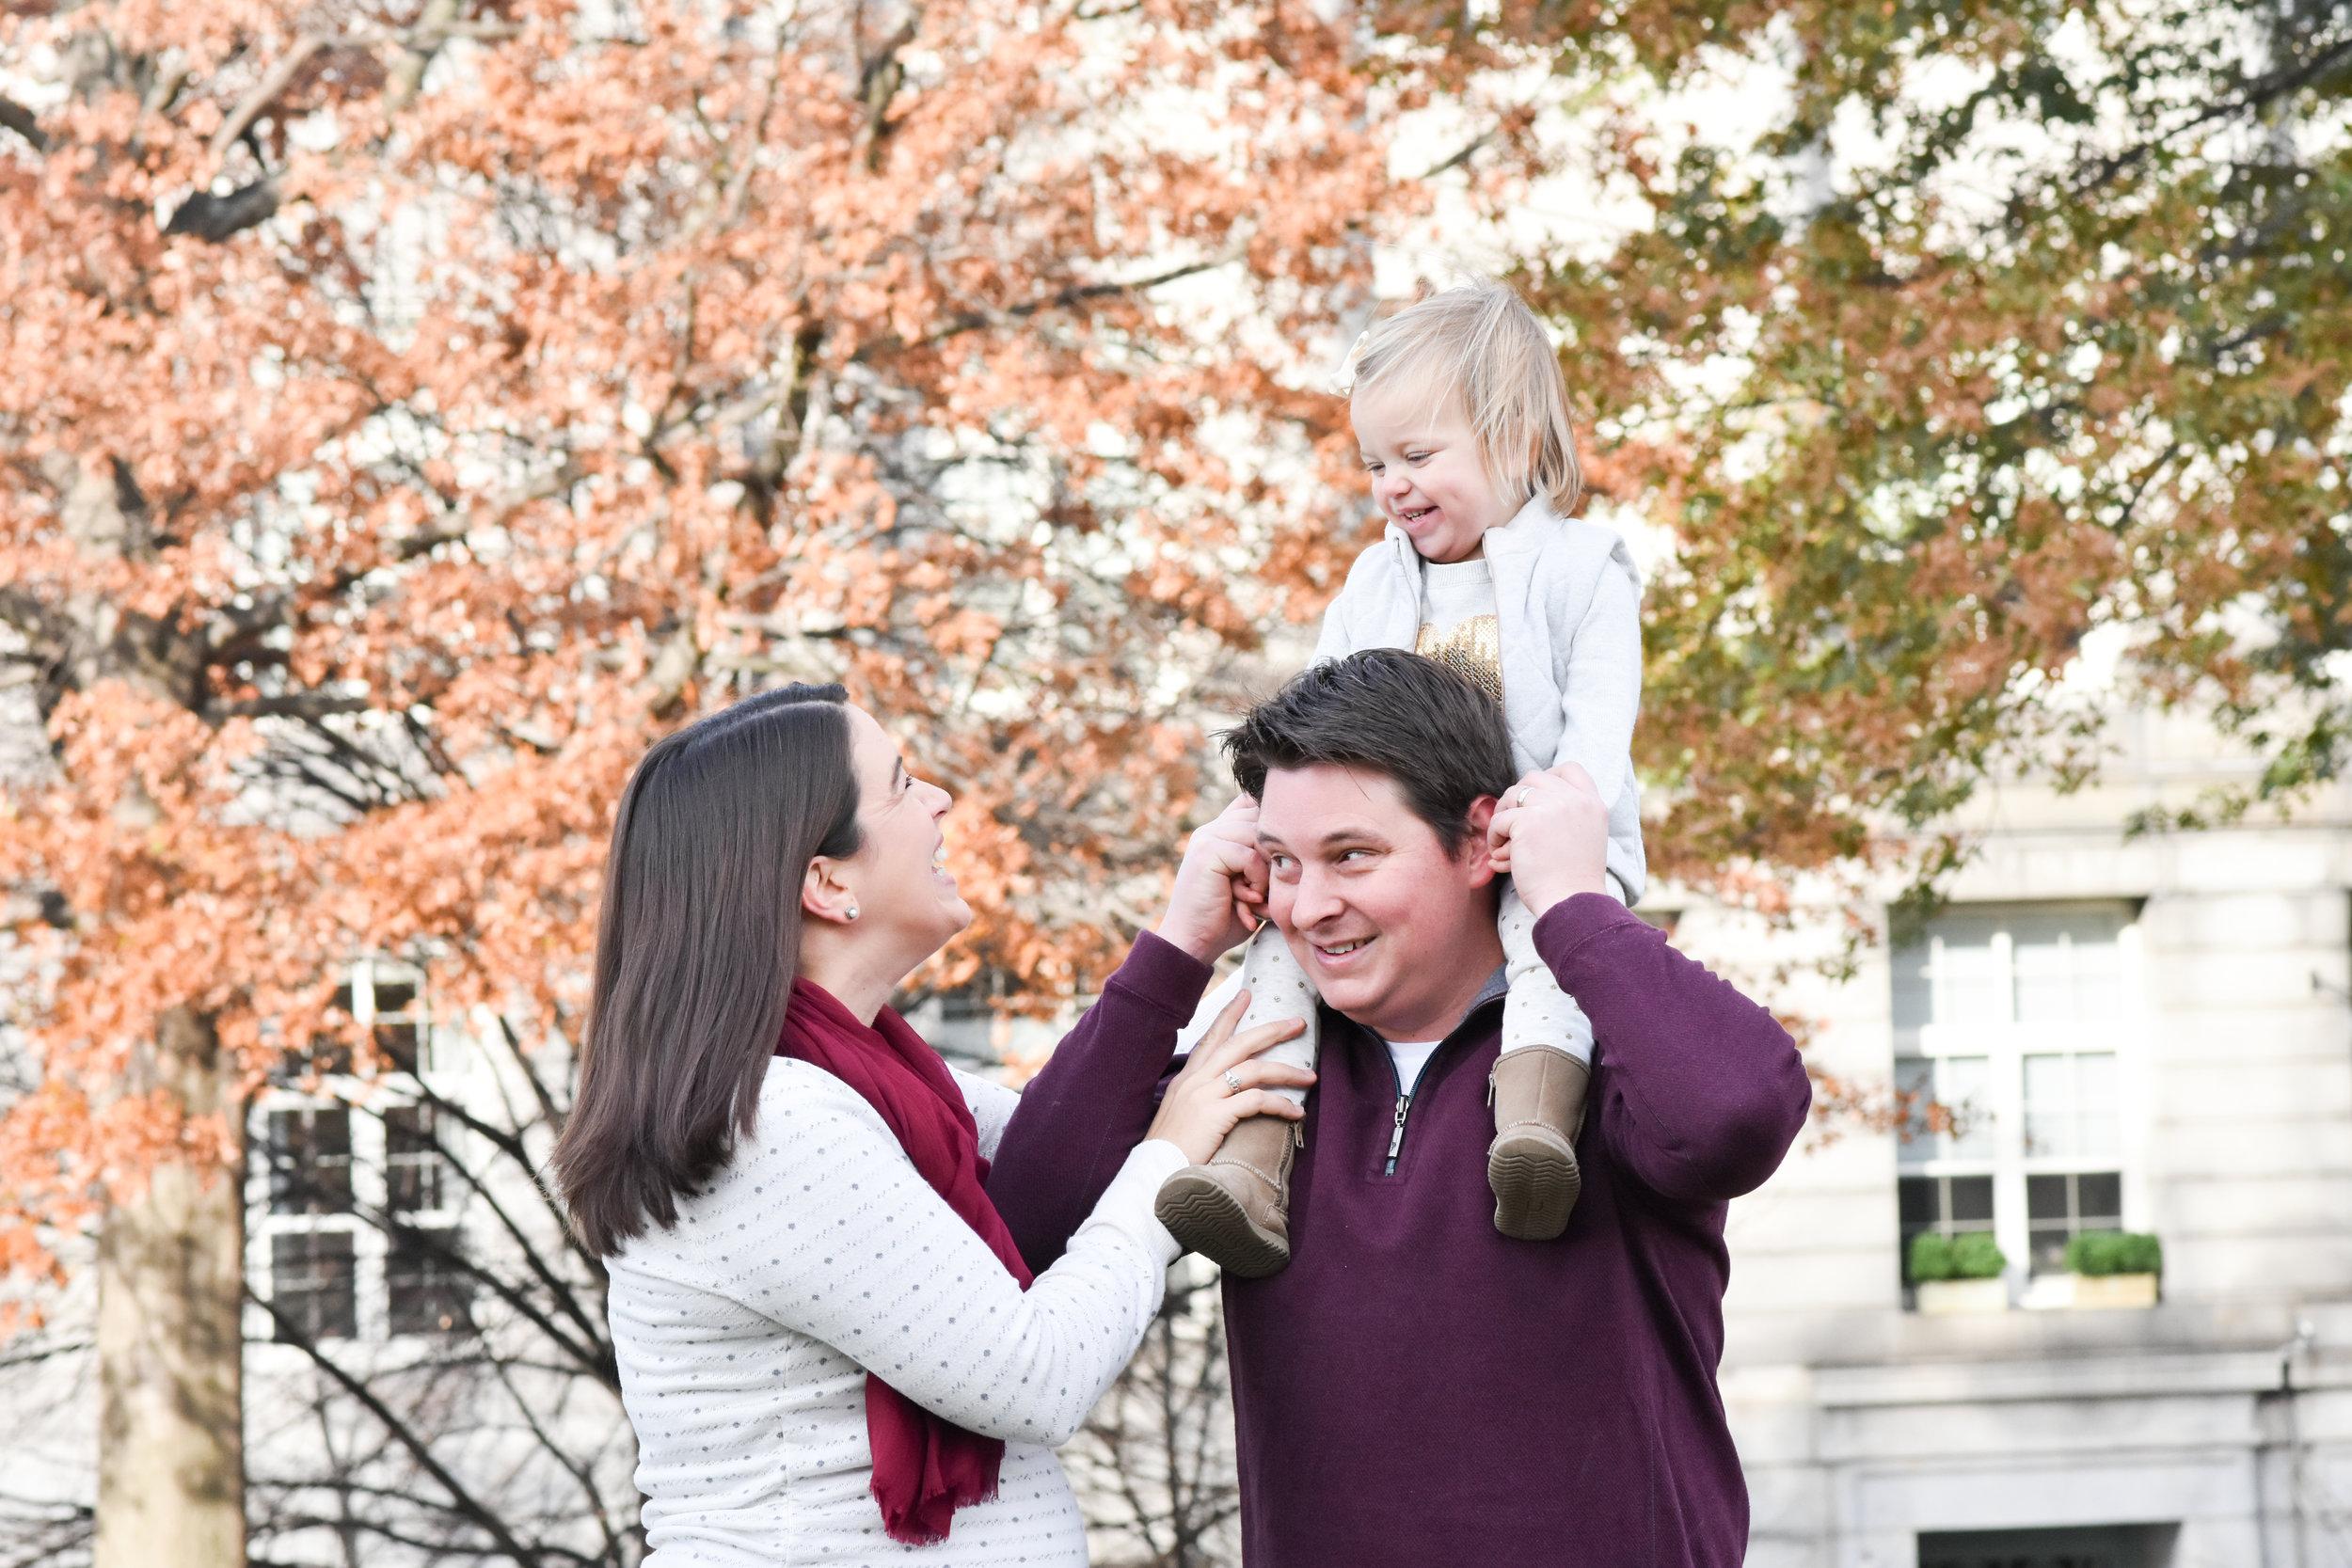 FamilyattheMonument-17.jpg